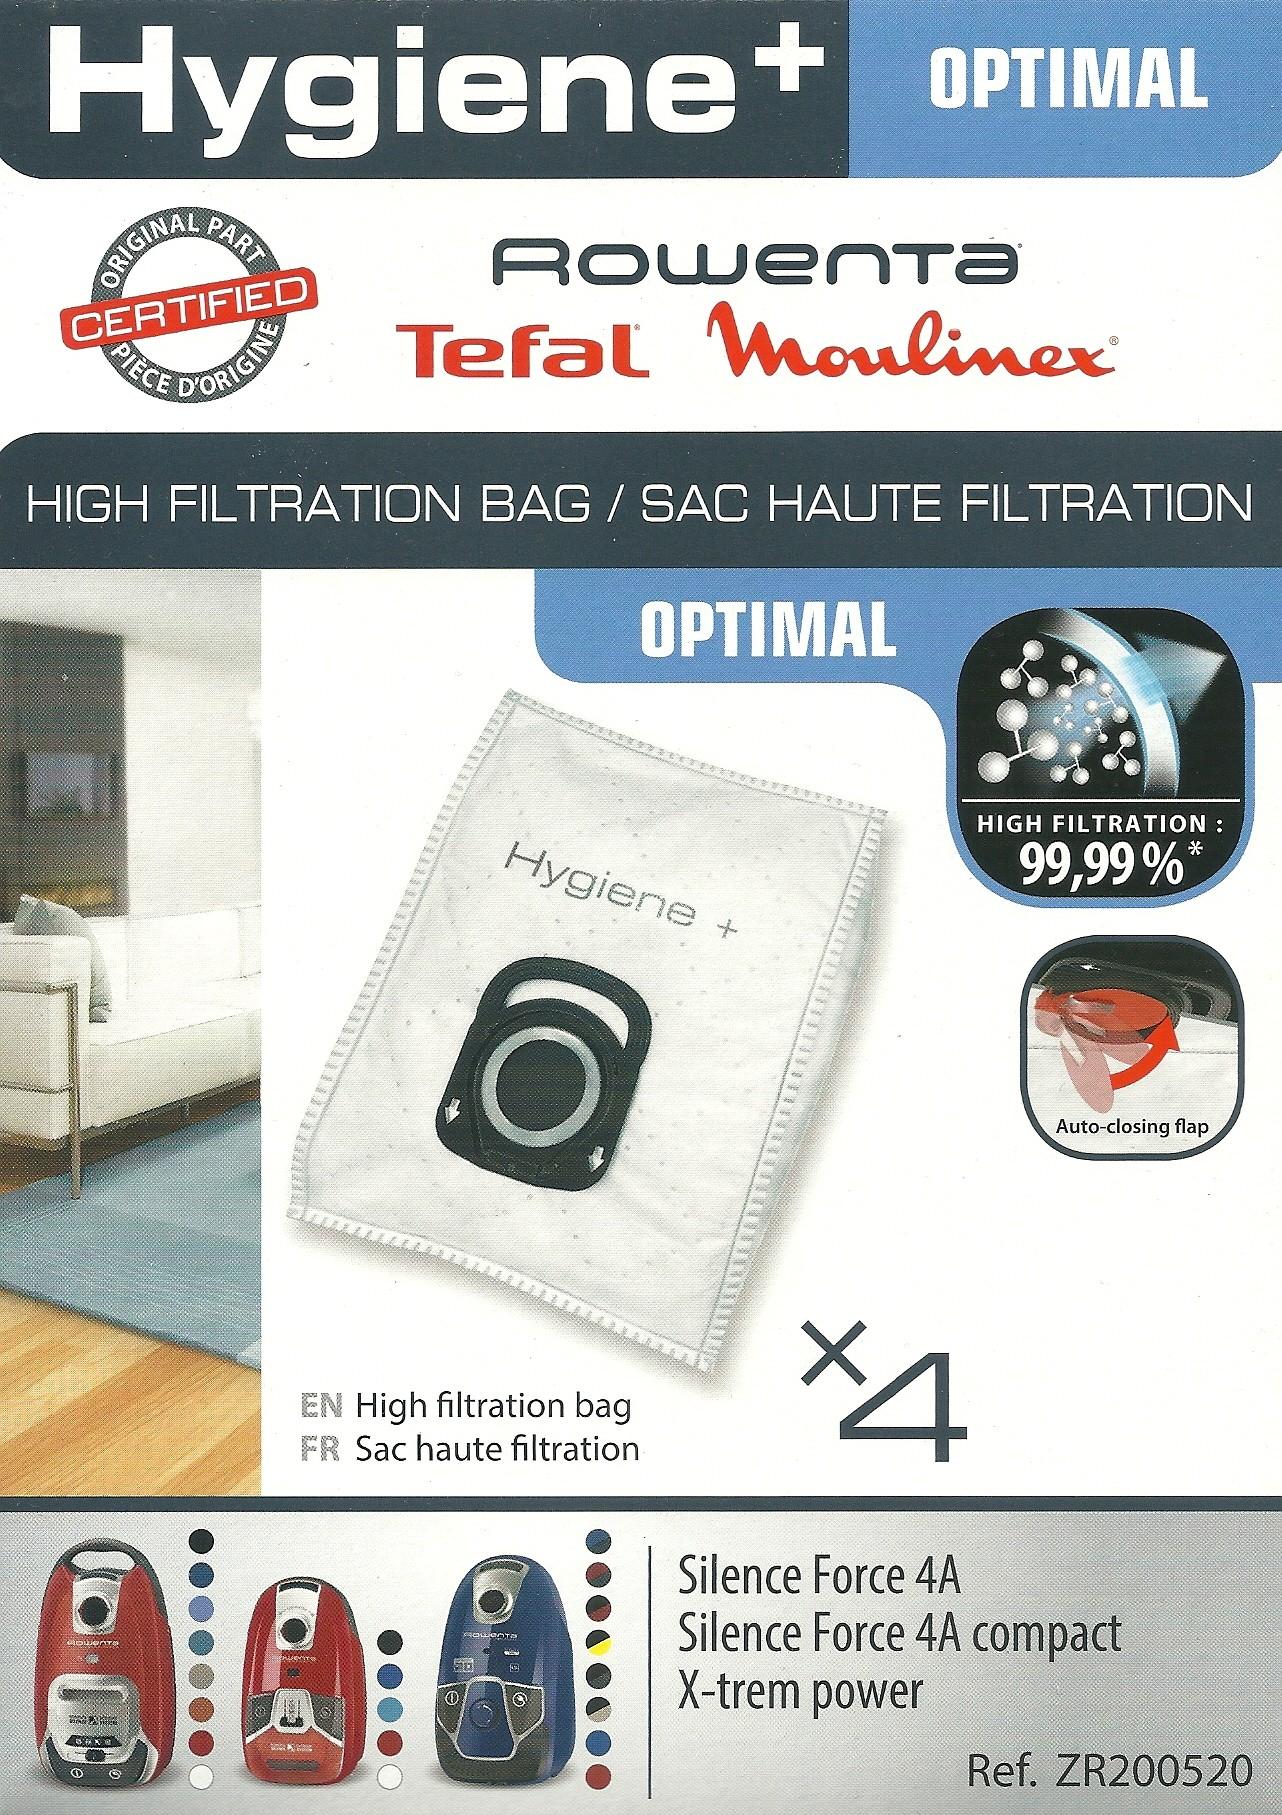 saci hygiene plus pentru aspiratorul rowenta silence force 4a zr2005. Black Bedroom Furniture Sets. Home Design Ideas